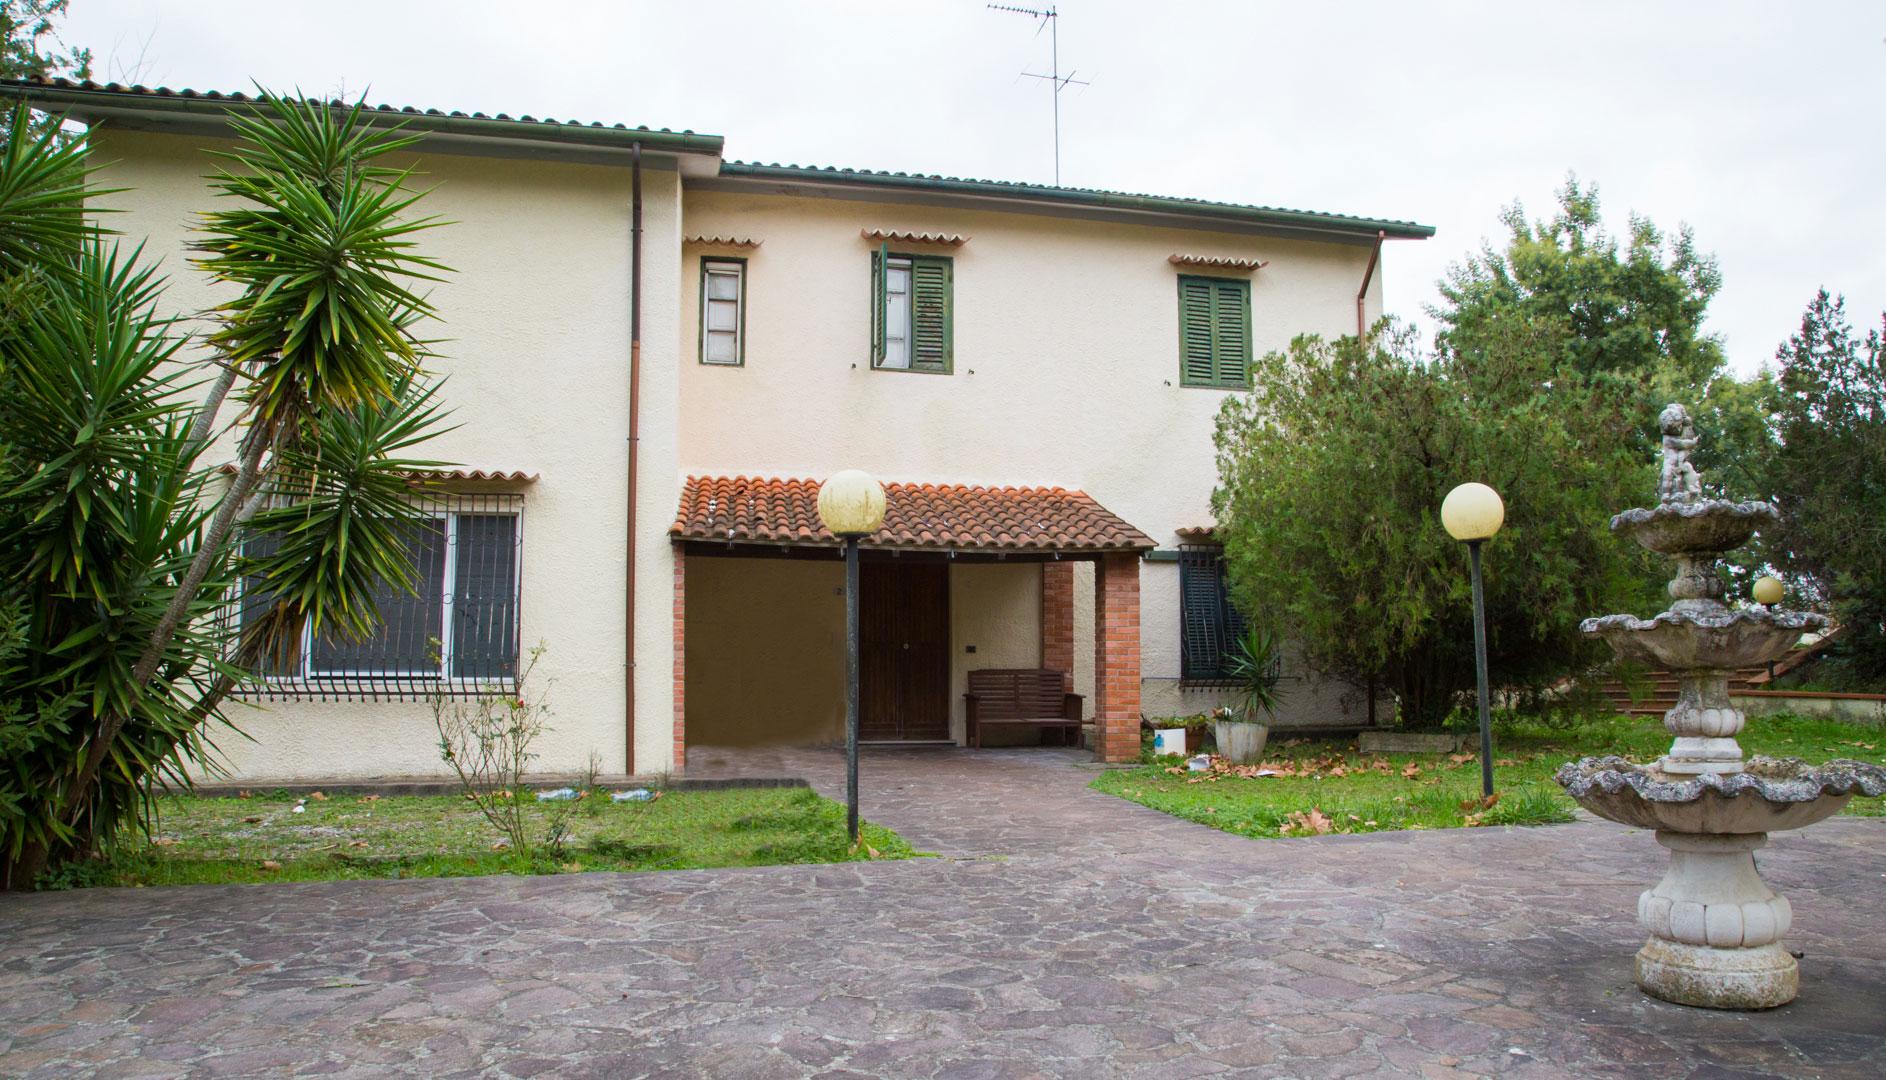 Fauglia Via Pantane Locazione Villa Con Parco Pisa